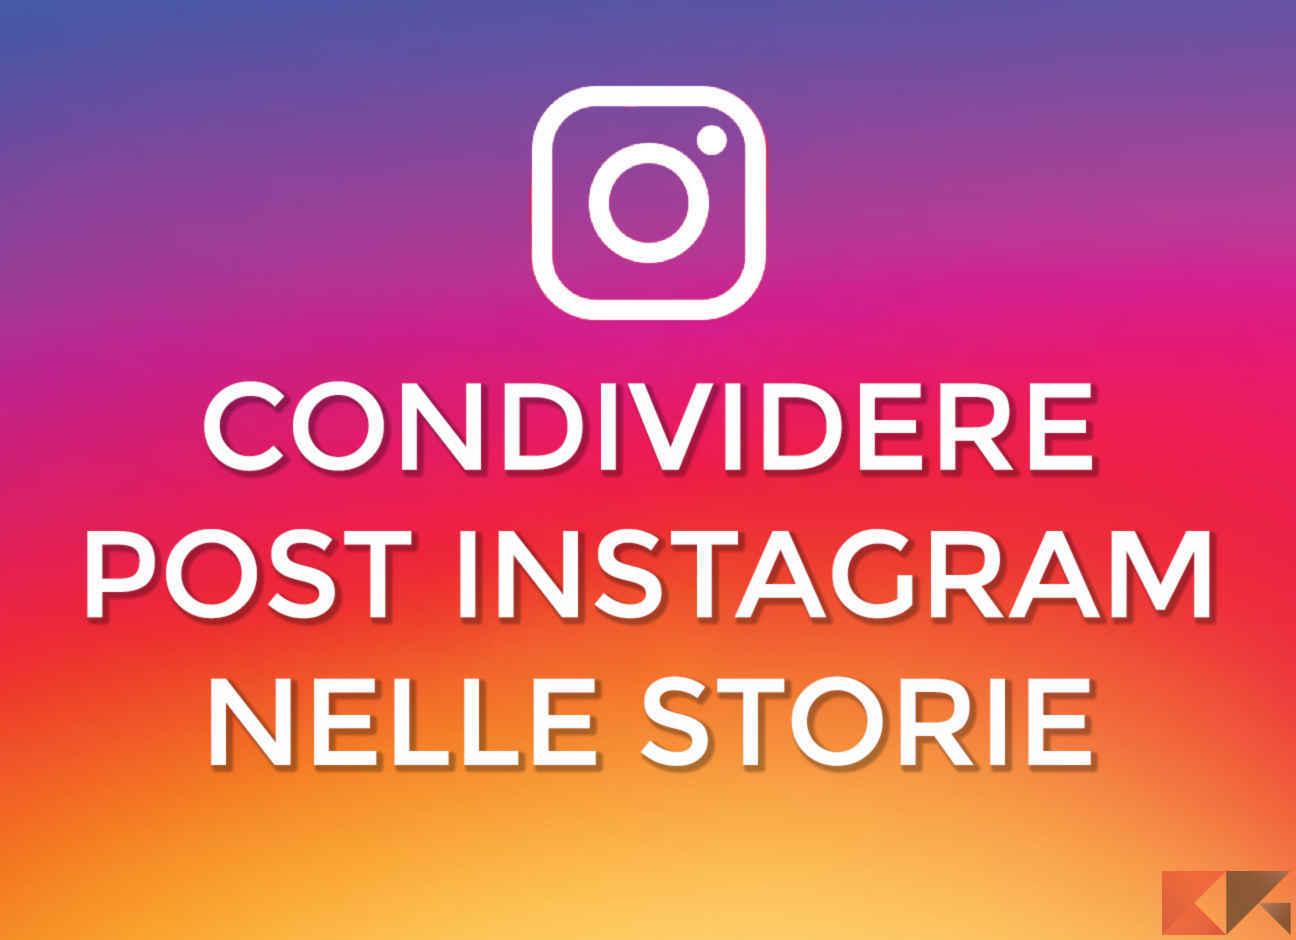 Come condividere storie di altri su Instagram | Salvatore ...